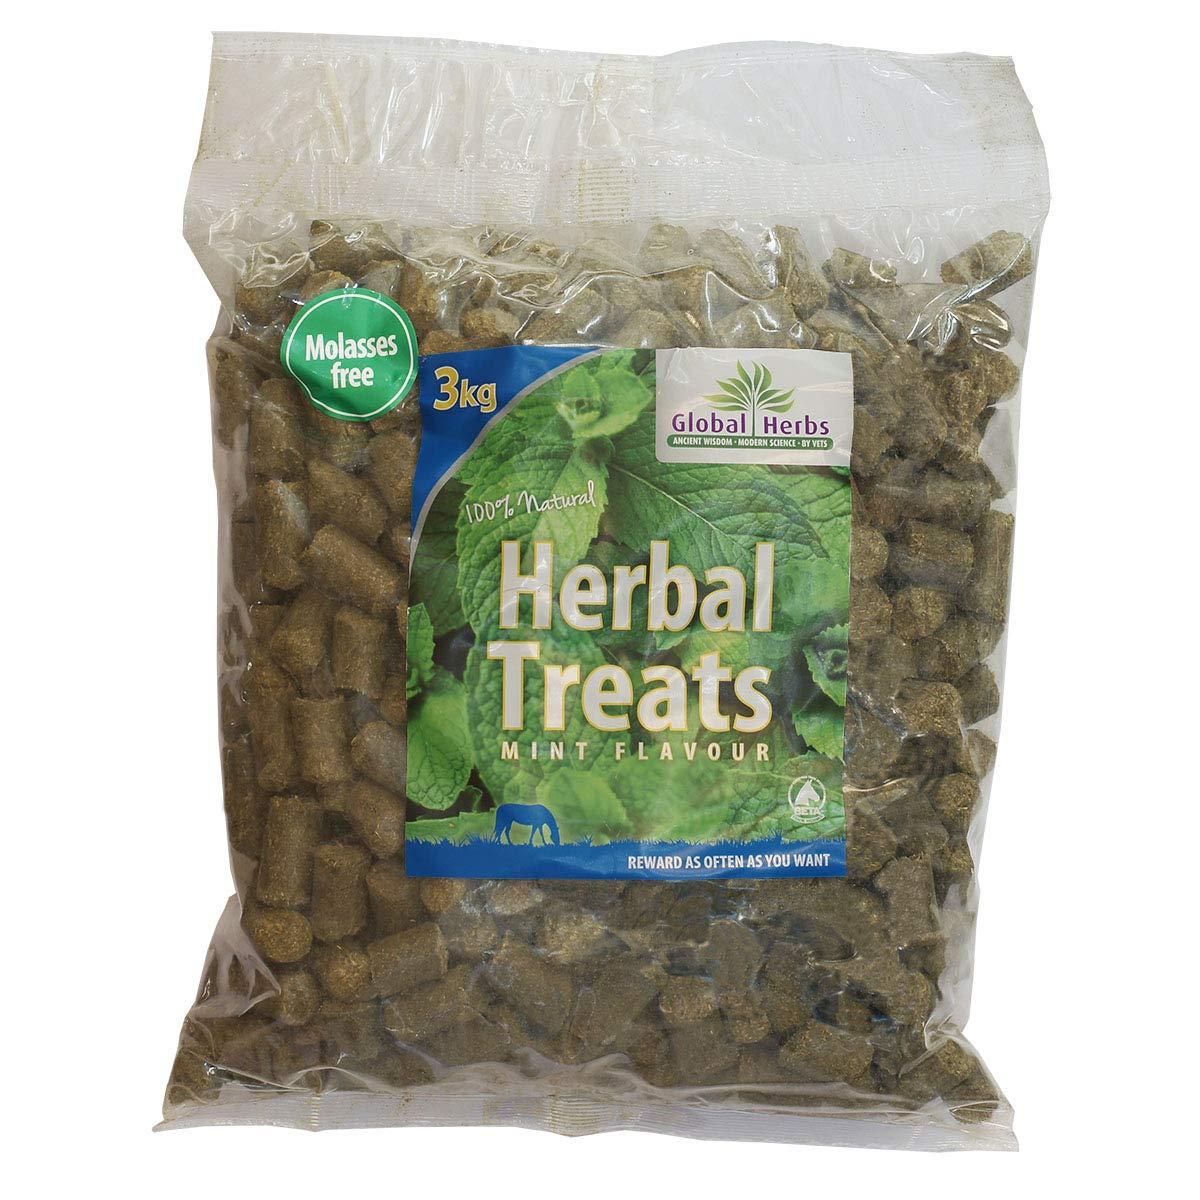 Global Herbs Herbal Mint 3kg Horse Treats 3kg Brown